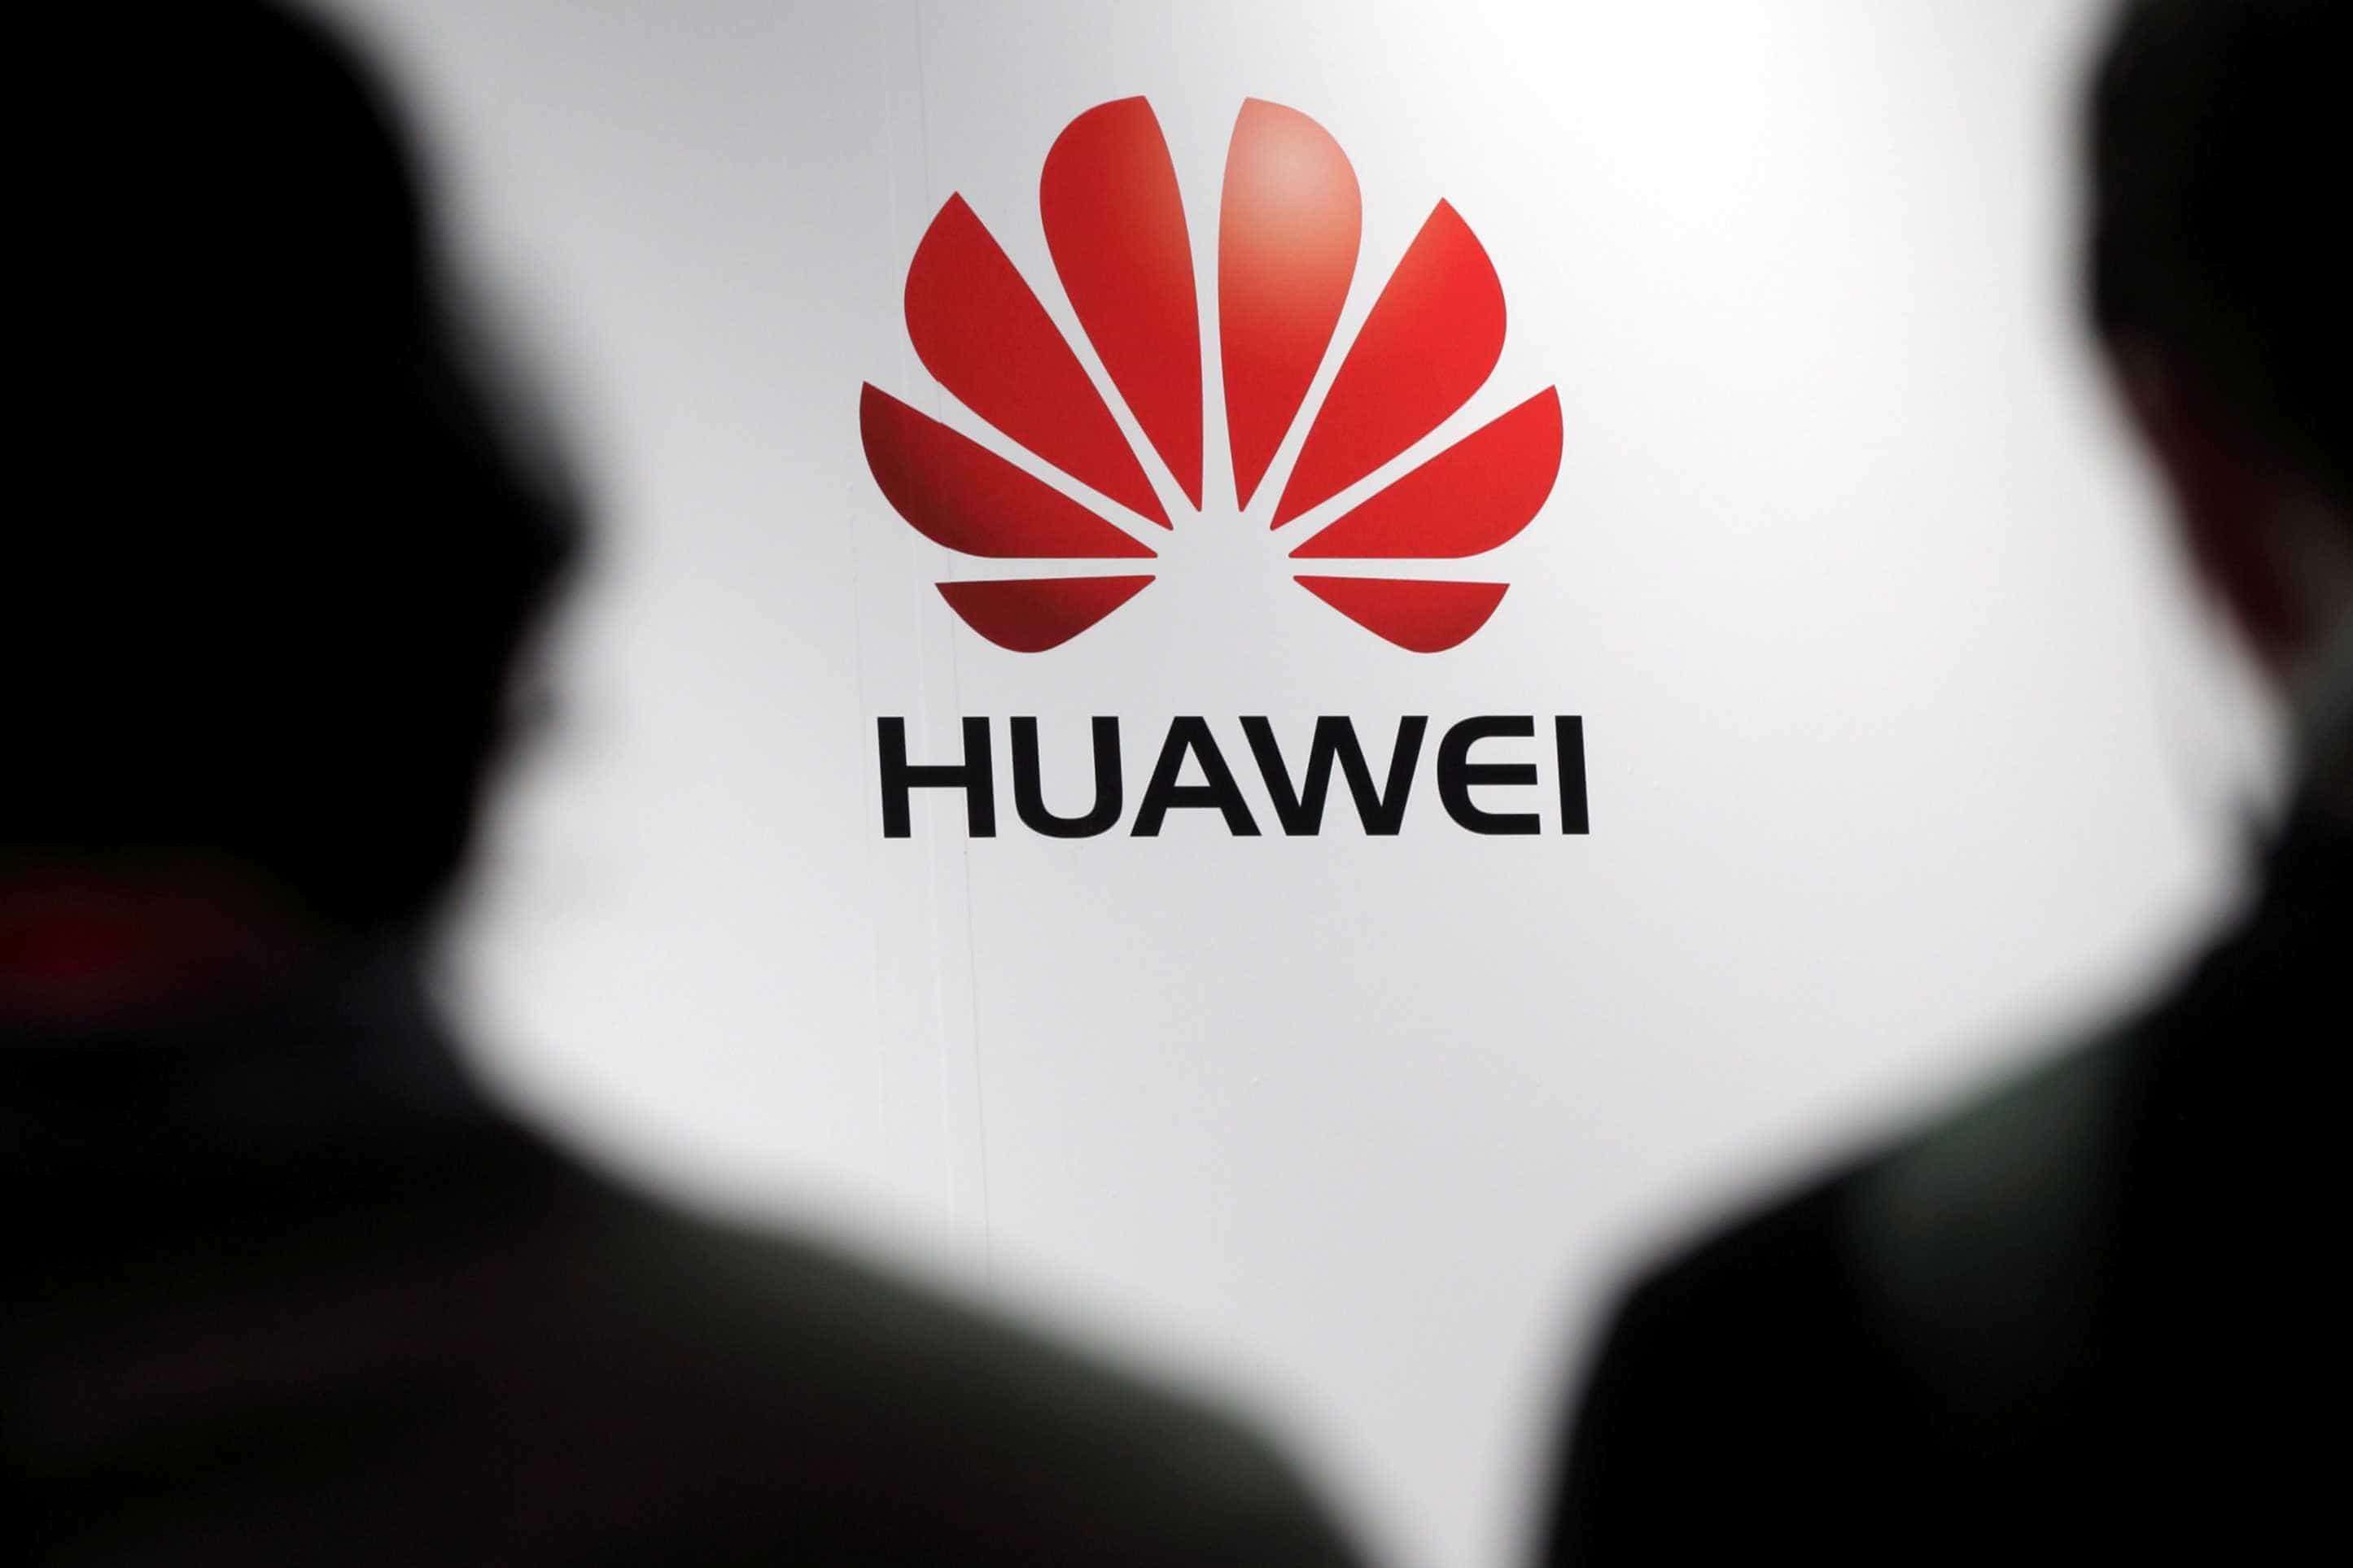 Reino Unido pode vir a banir a Huawei